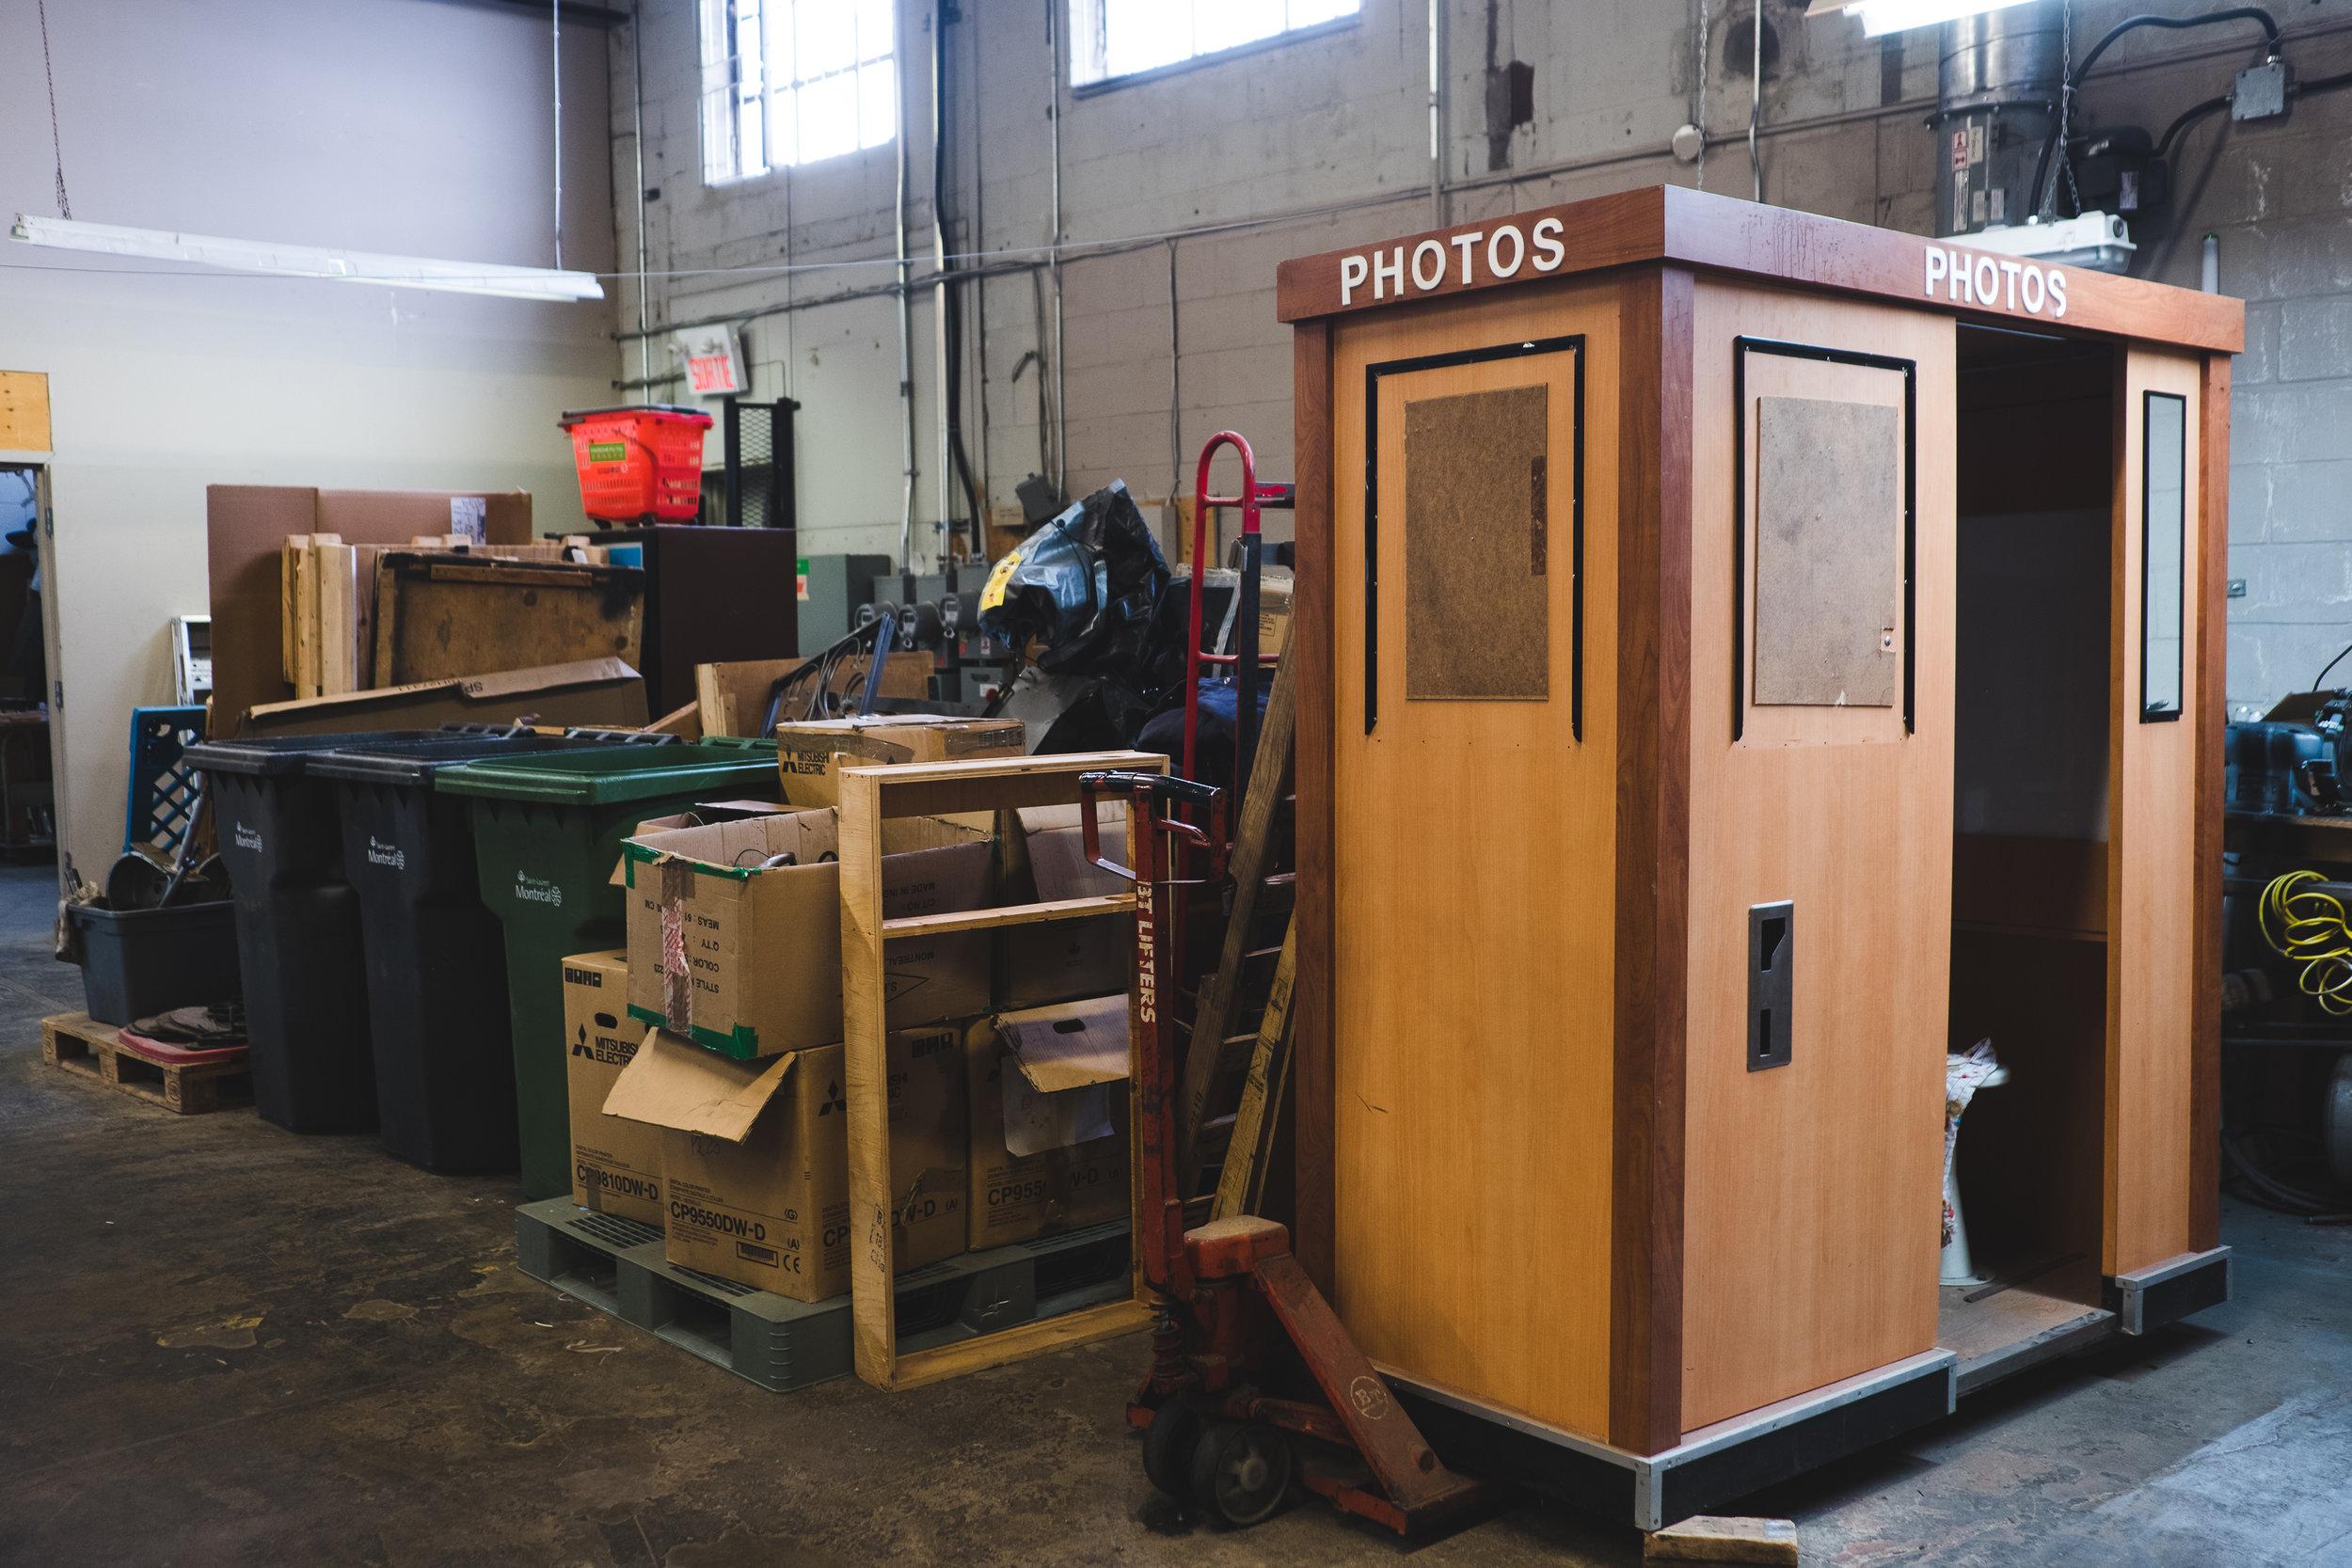 auto-photo-warehouse-photos